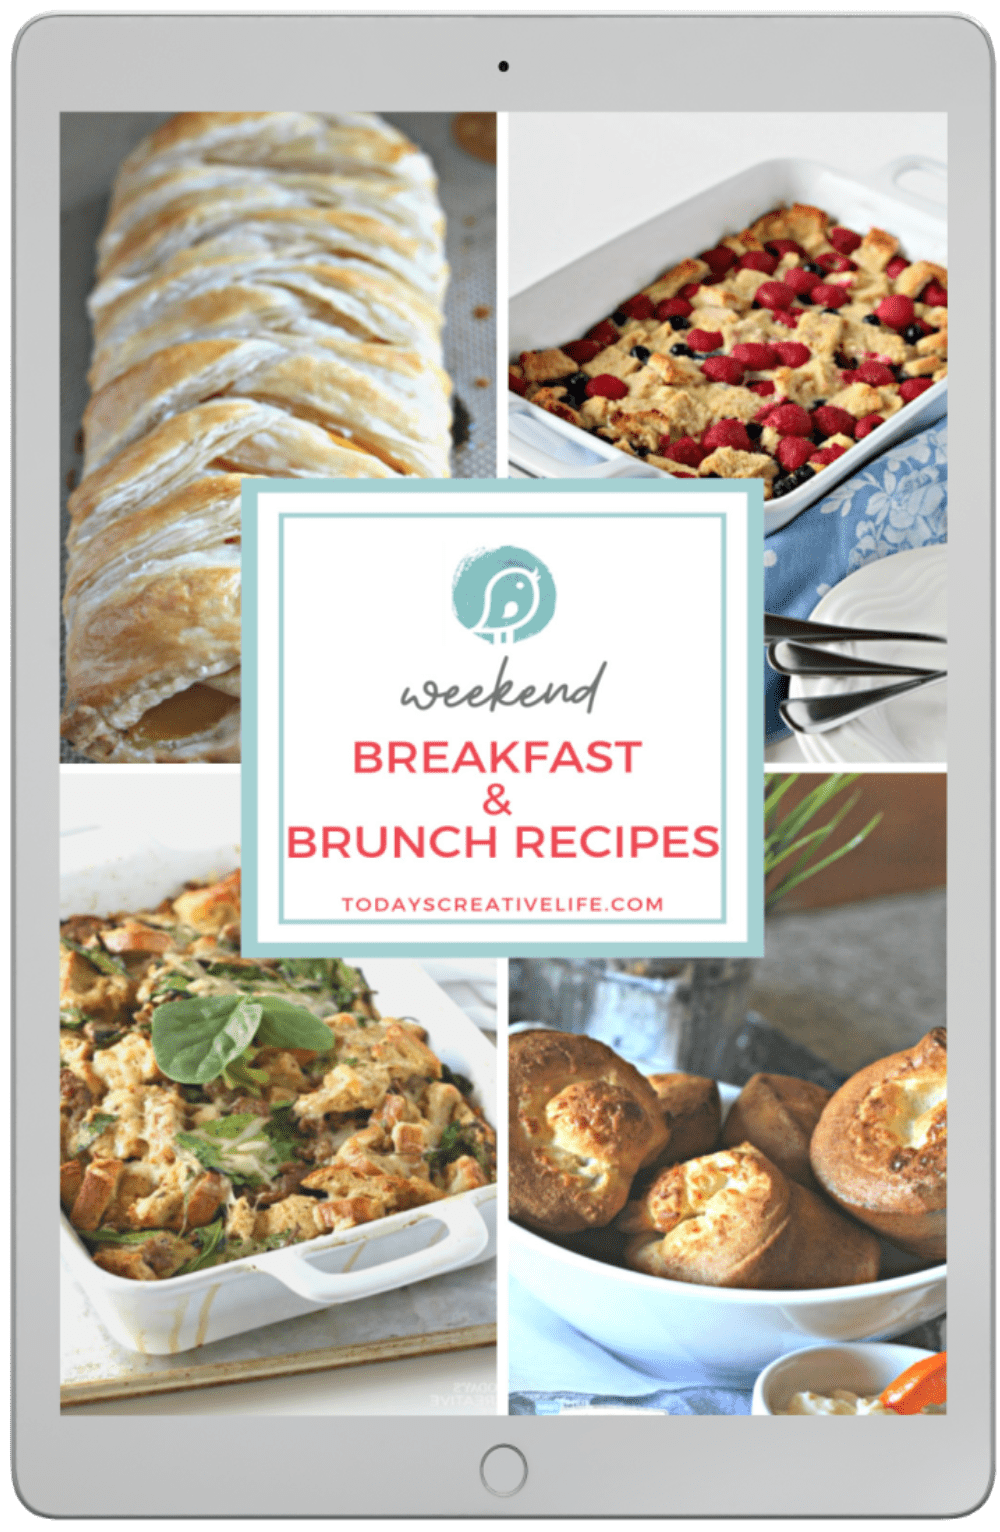 h2kend Breakfast & Brunch recipes